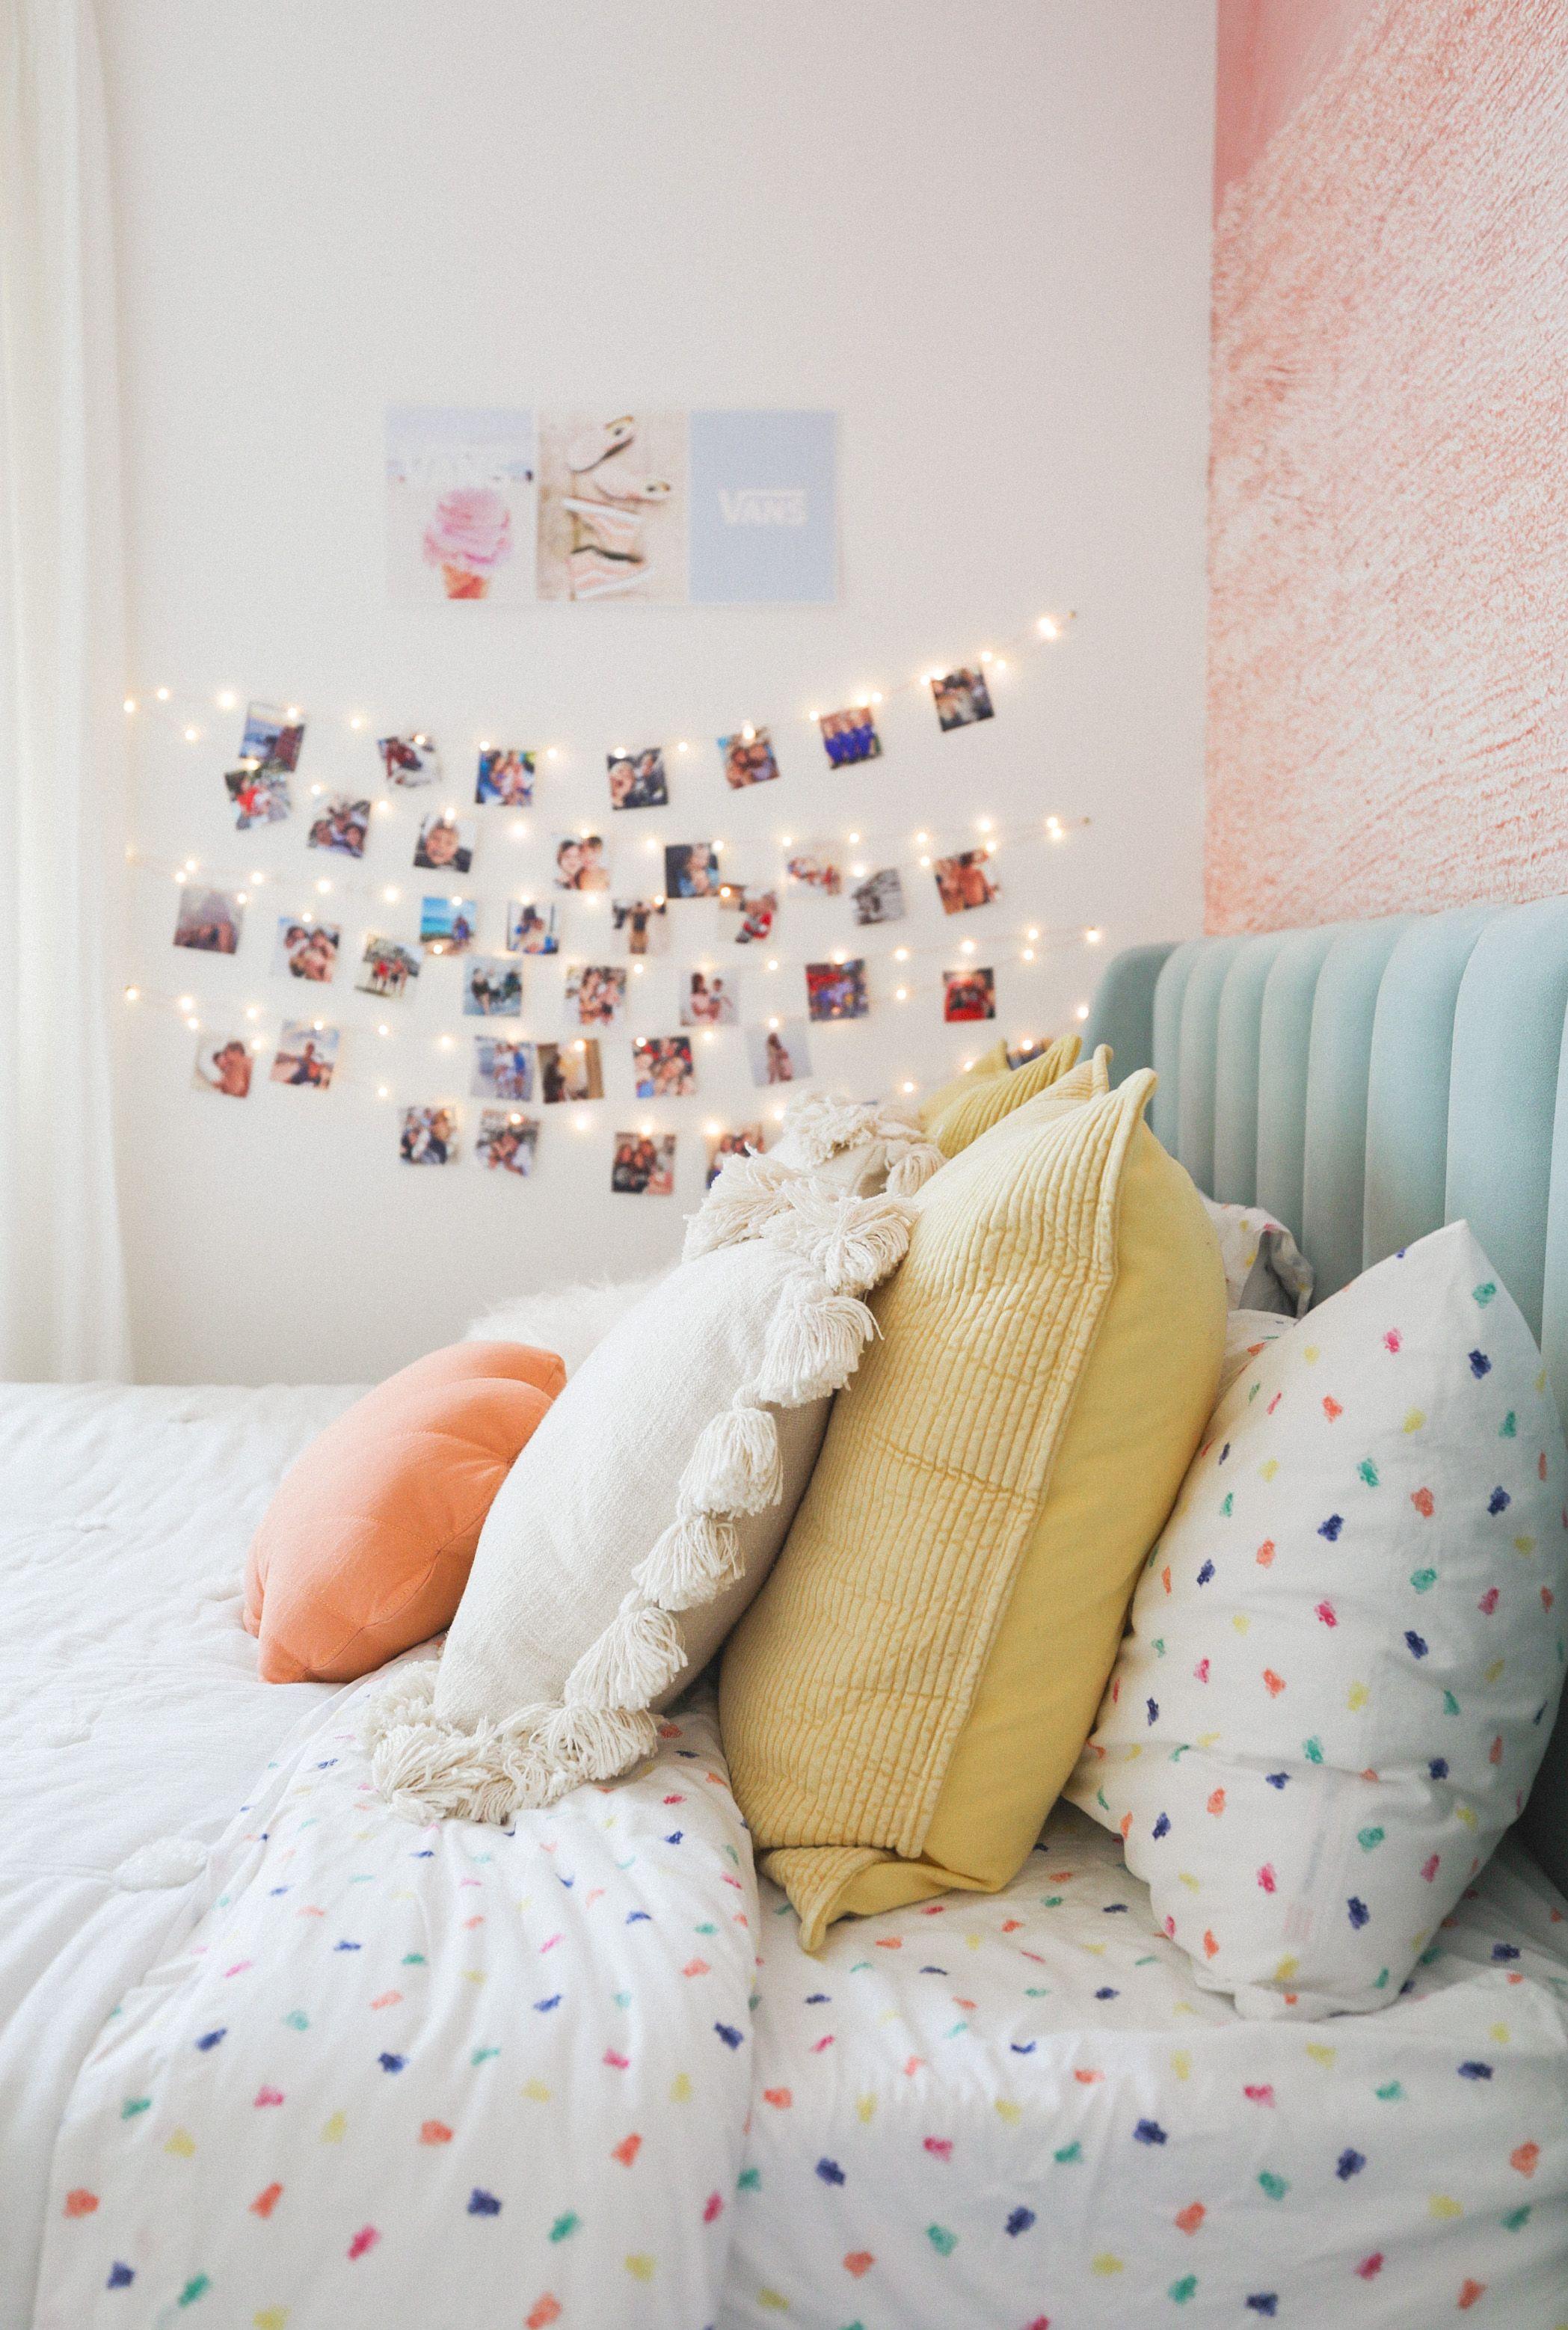 32 Best VSCO Room Ideas   Cute VSCO Room Decor Inspiration